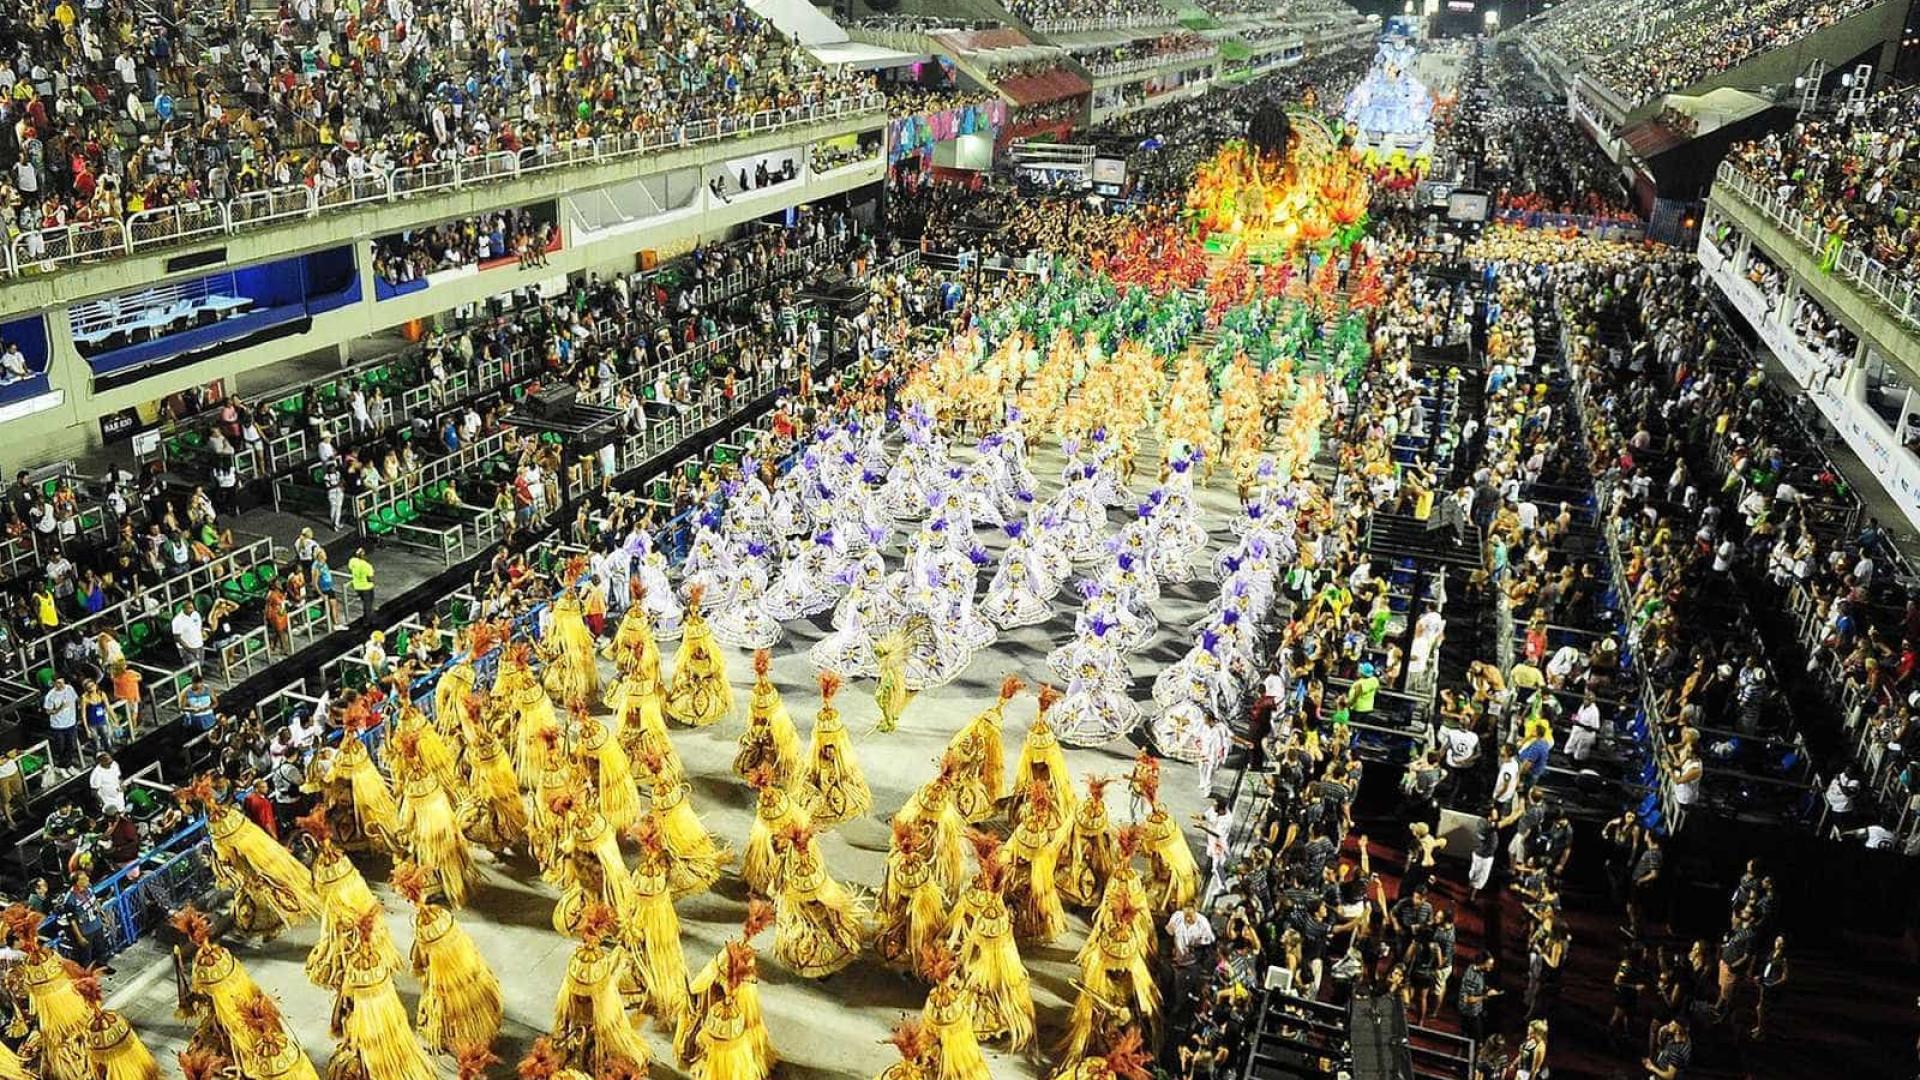 MinC anuncia verba de R$ 8 mi para desfiles de escolas de samba do Rio